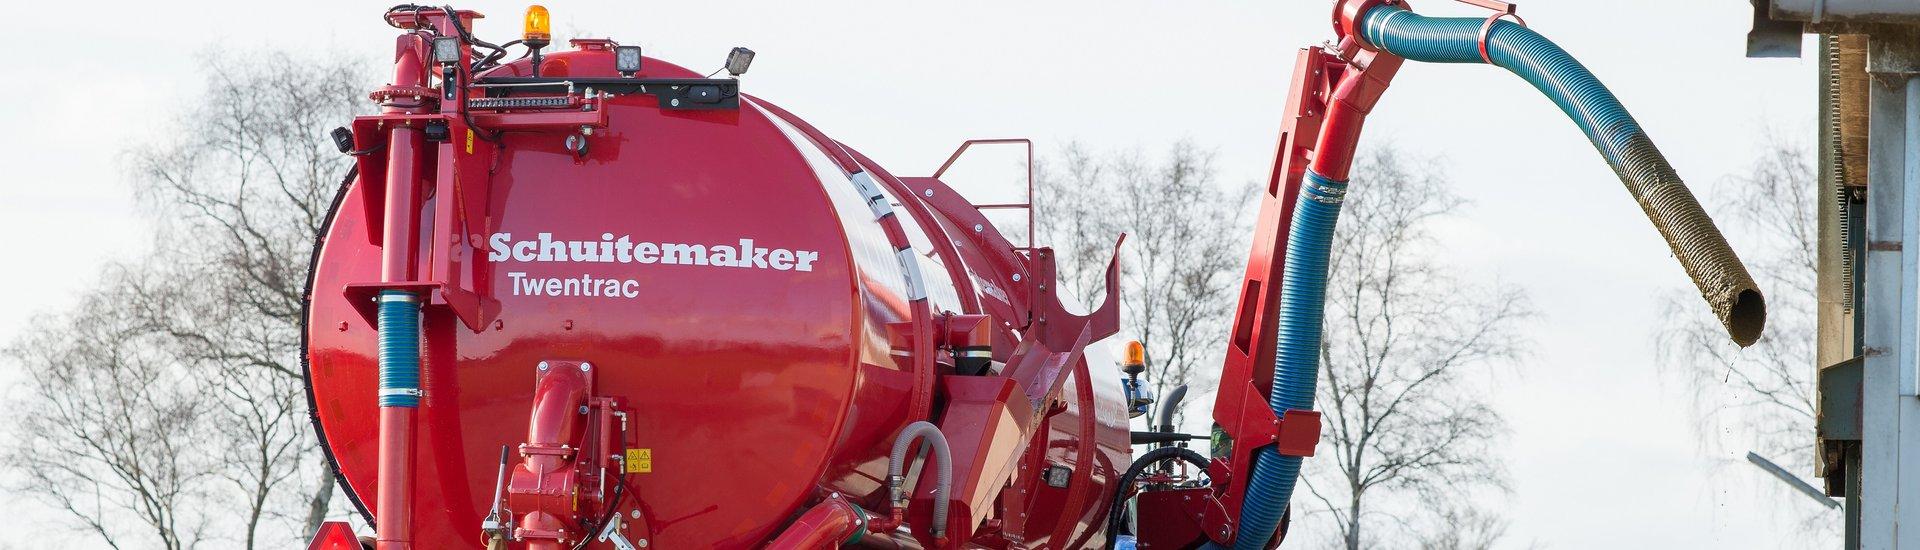 Schuitemaker Robusta 340 Transport tank